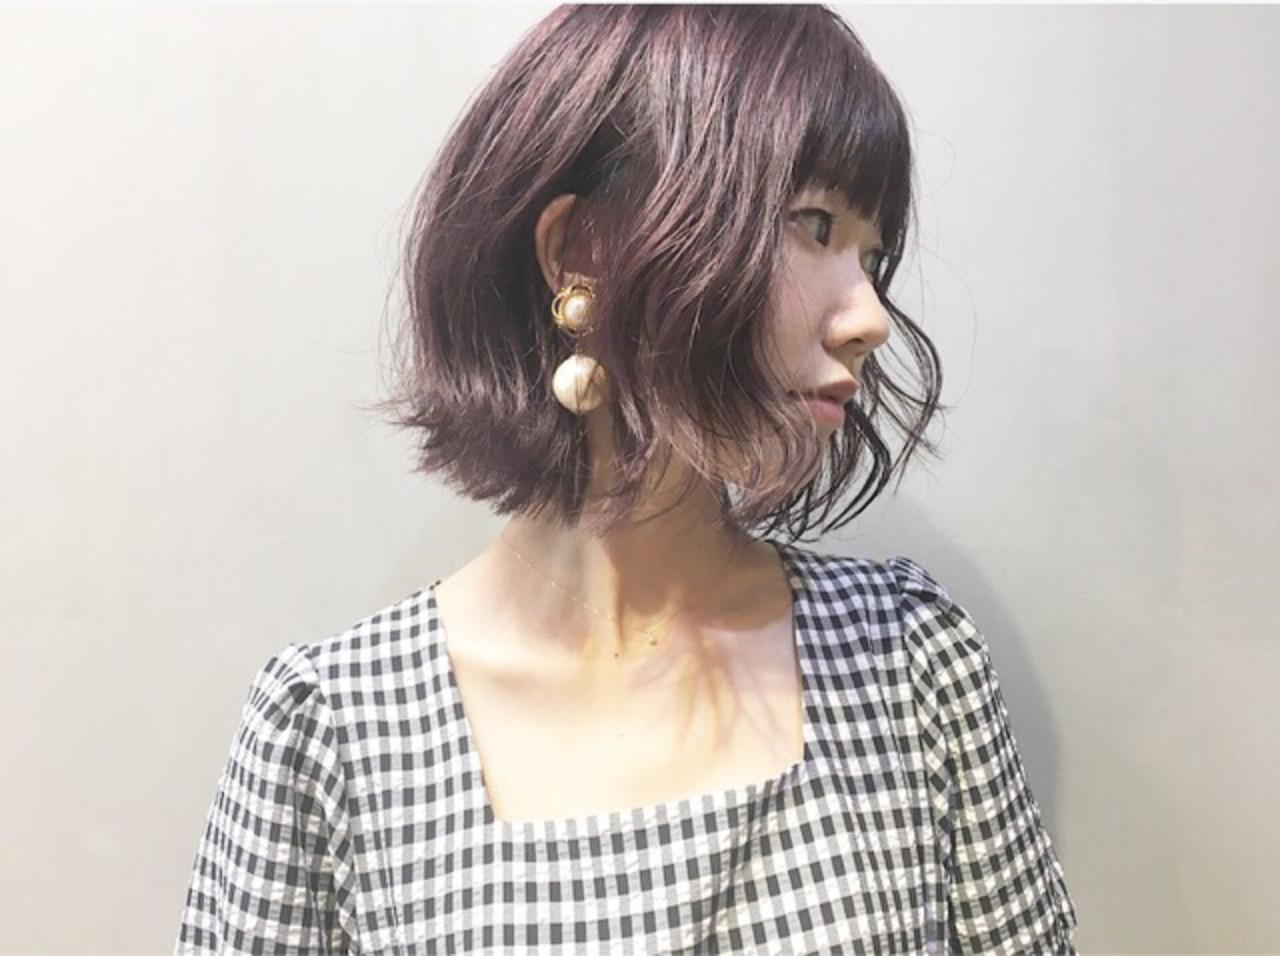 ピンクブラウン ピンクアッシュ ナチュラル ラベンダーピンク ヘアスタイルや髪型の写真・画像